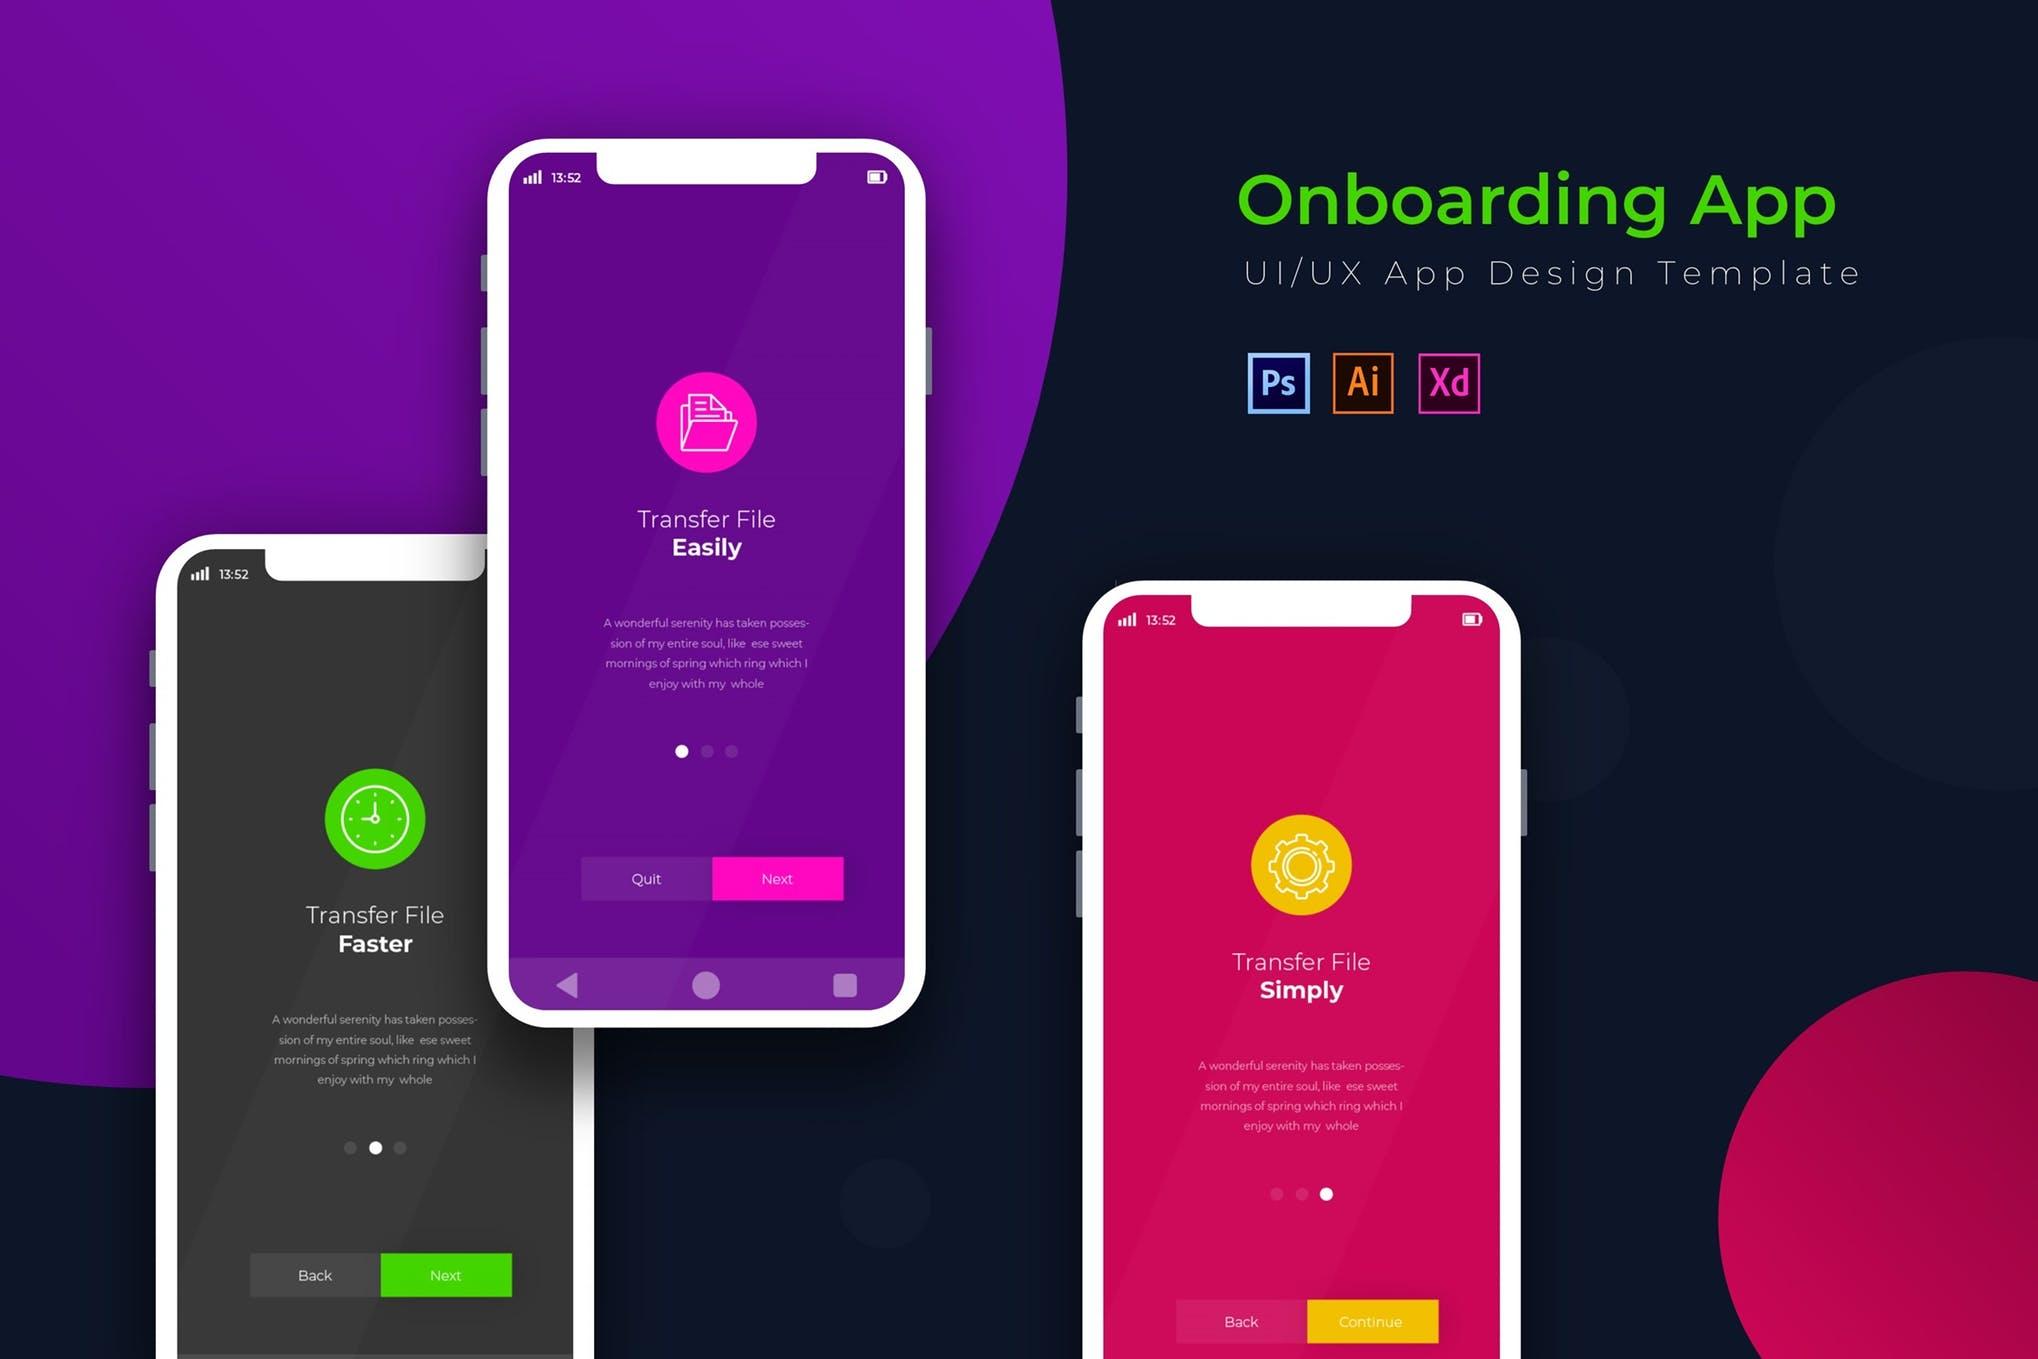 دانلود UI کیت اپلیکیشن موبایل Onboarding - در سه نسخه PSD، وکتور و XD